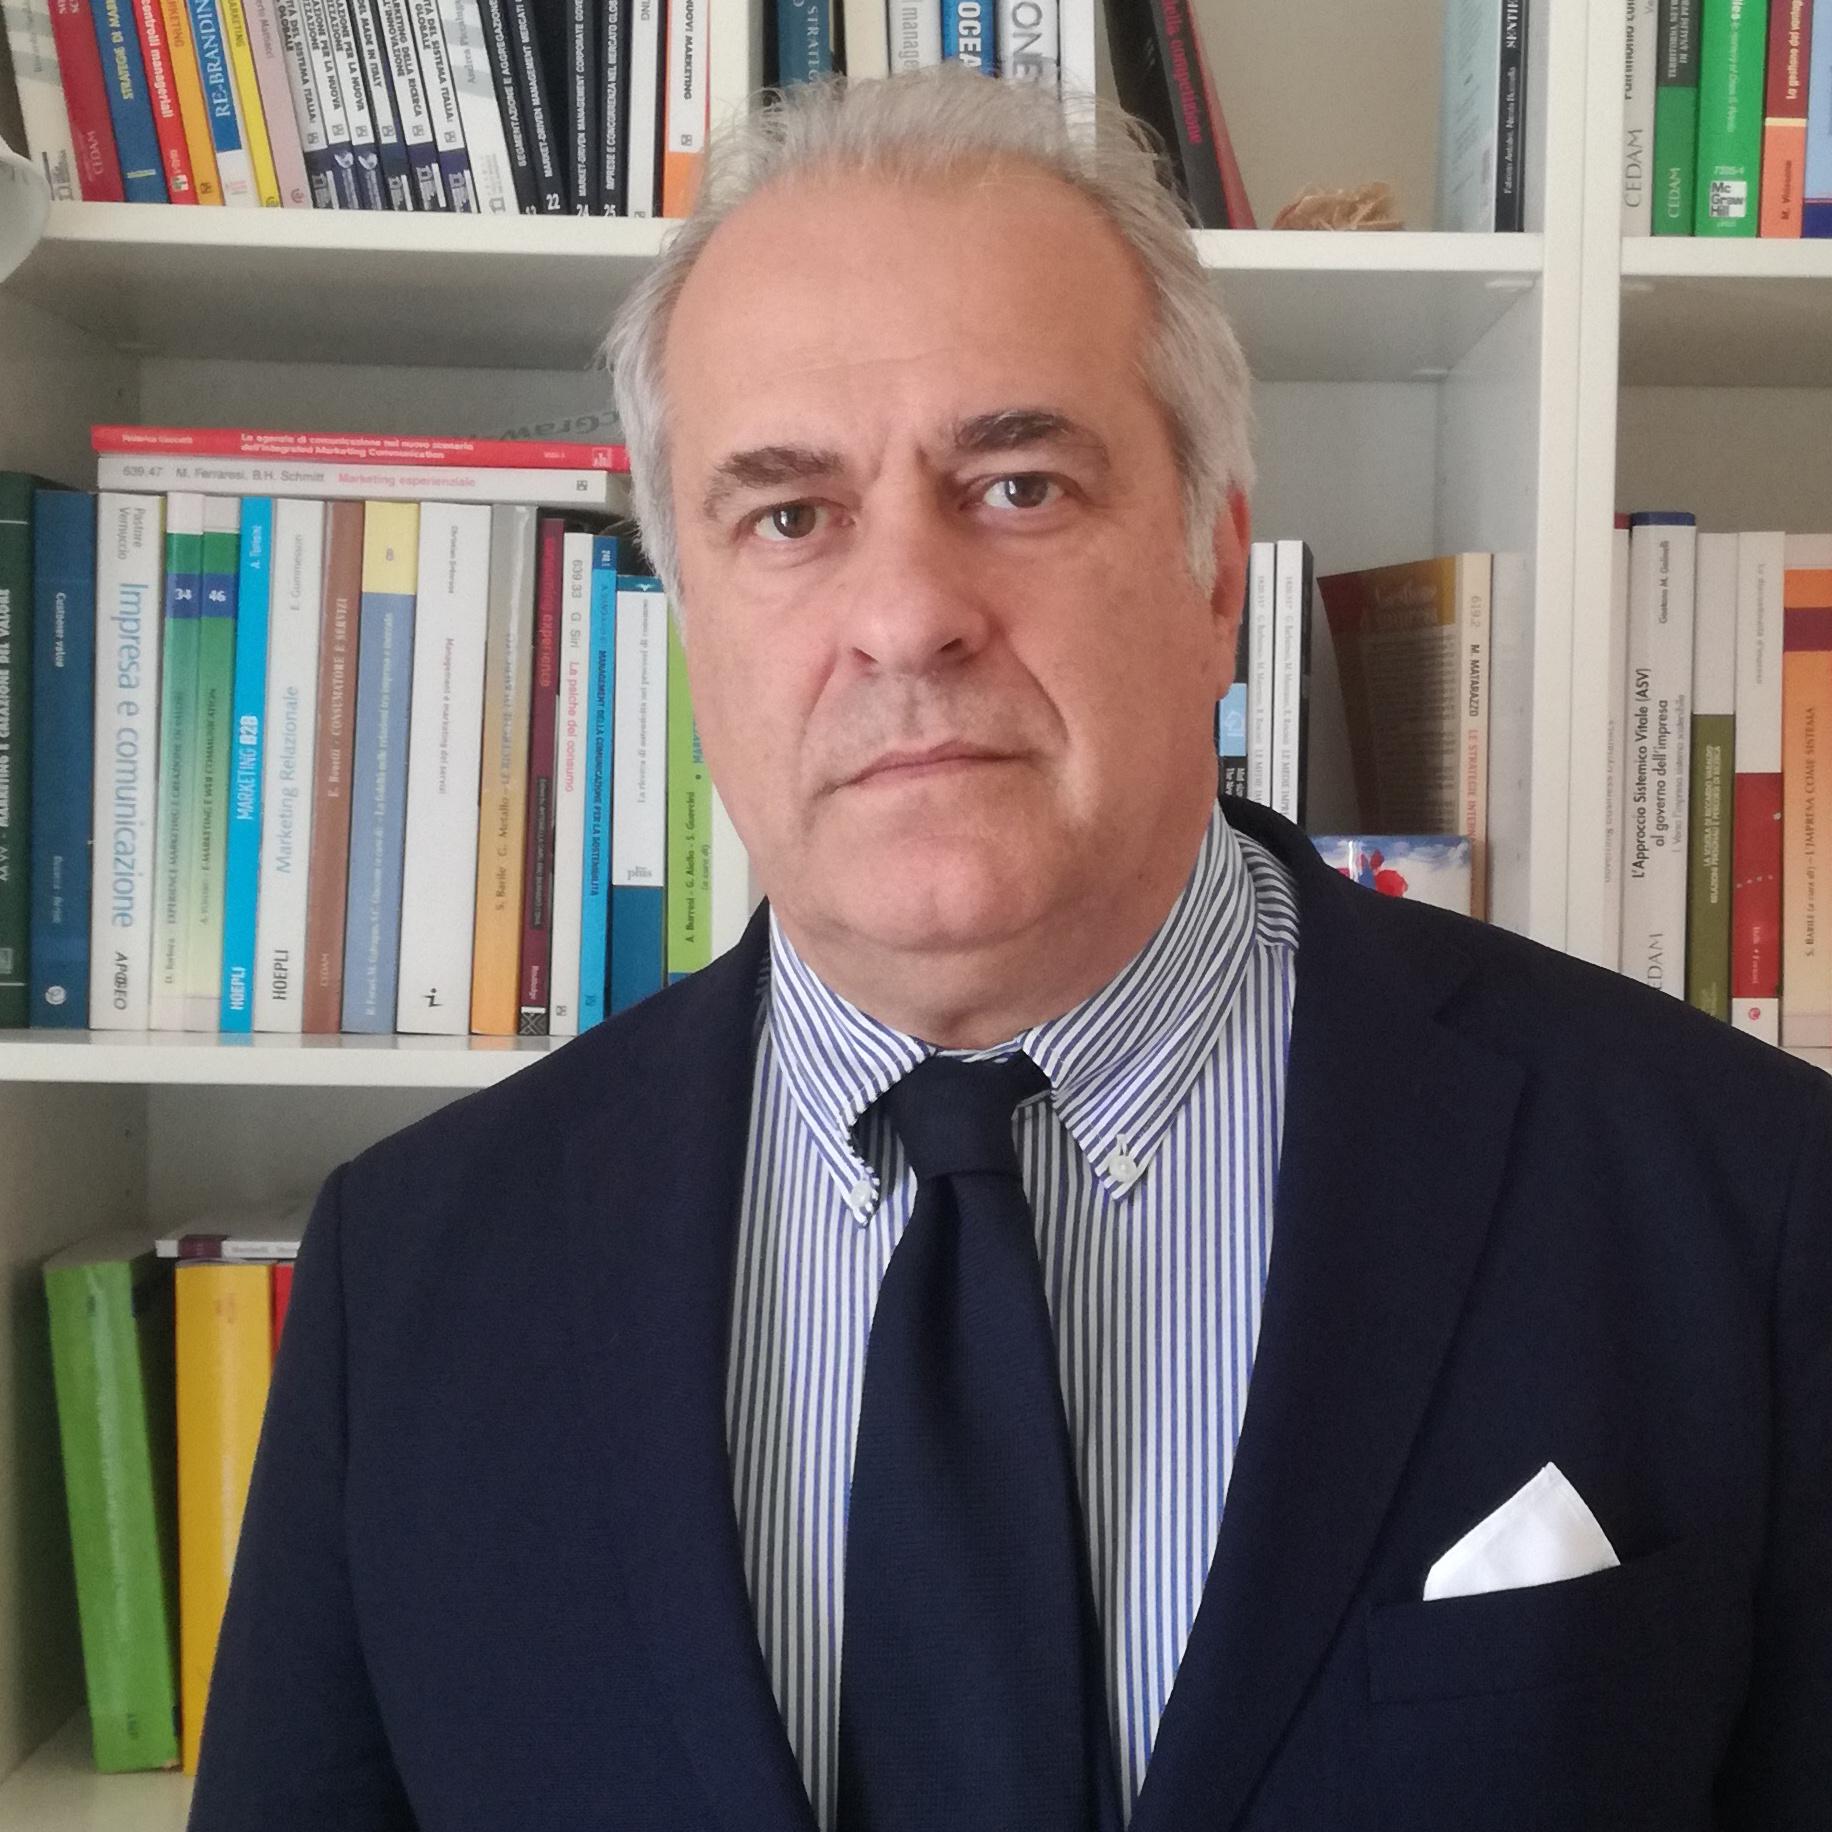 Mario Ciardiello